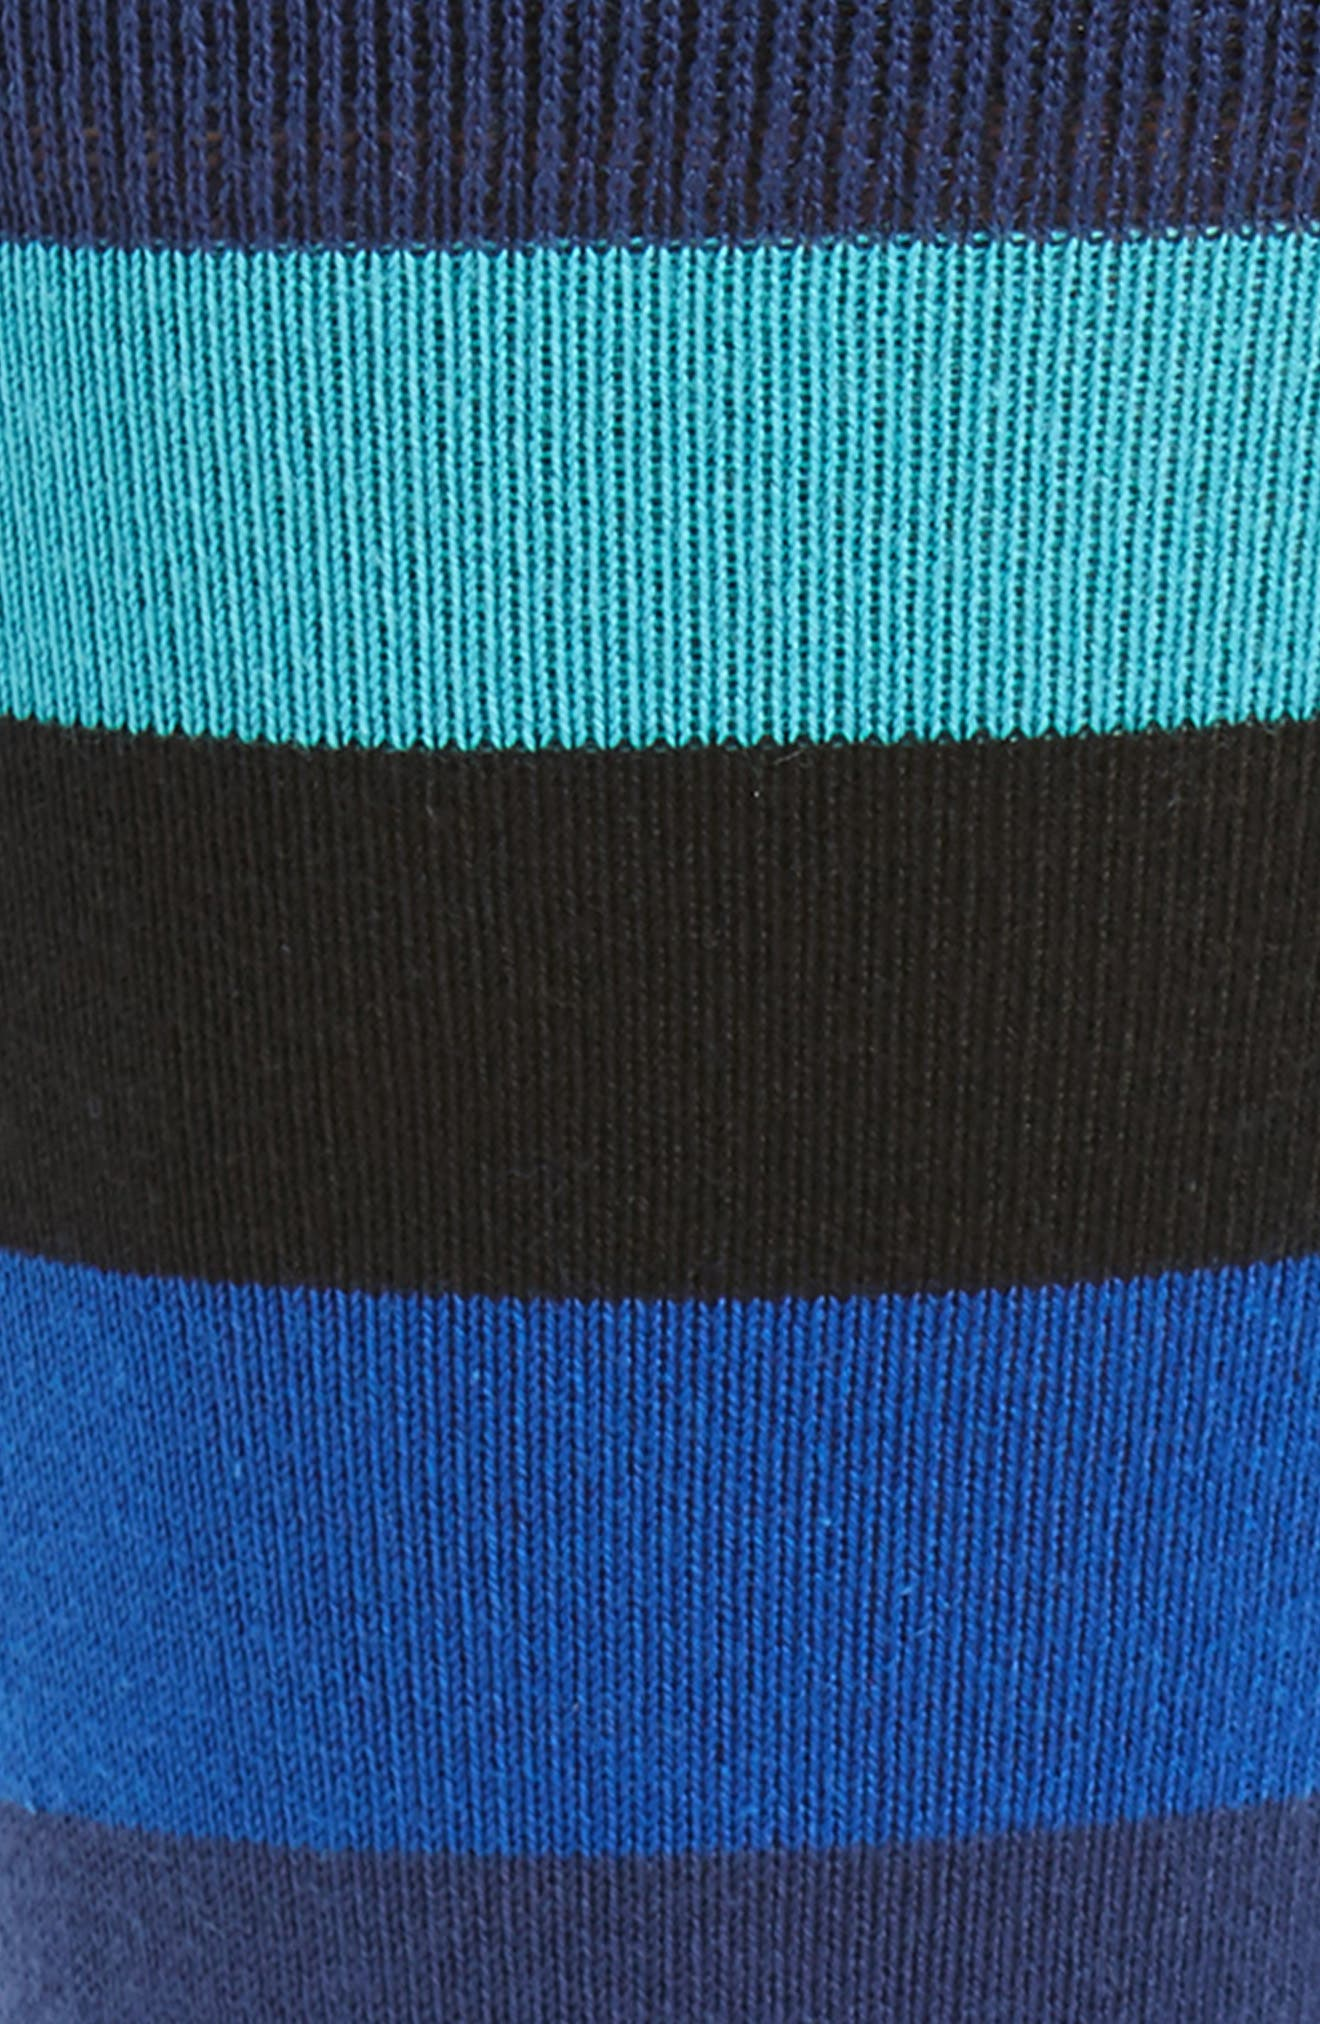 Buxton Stripe Socks,                             Alternate thumbnail 5, color,